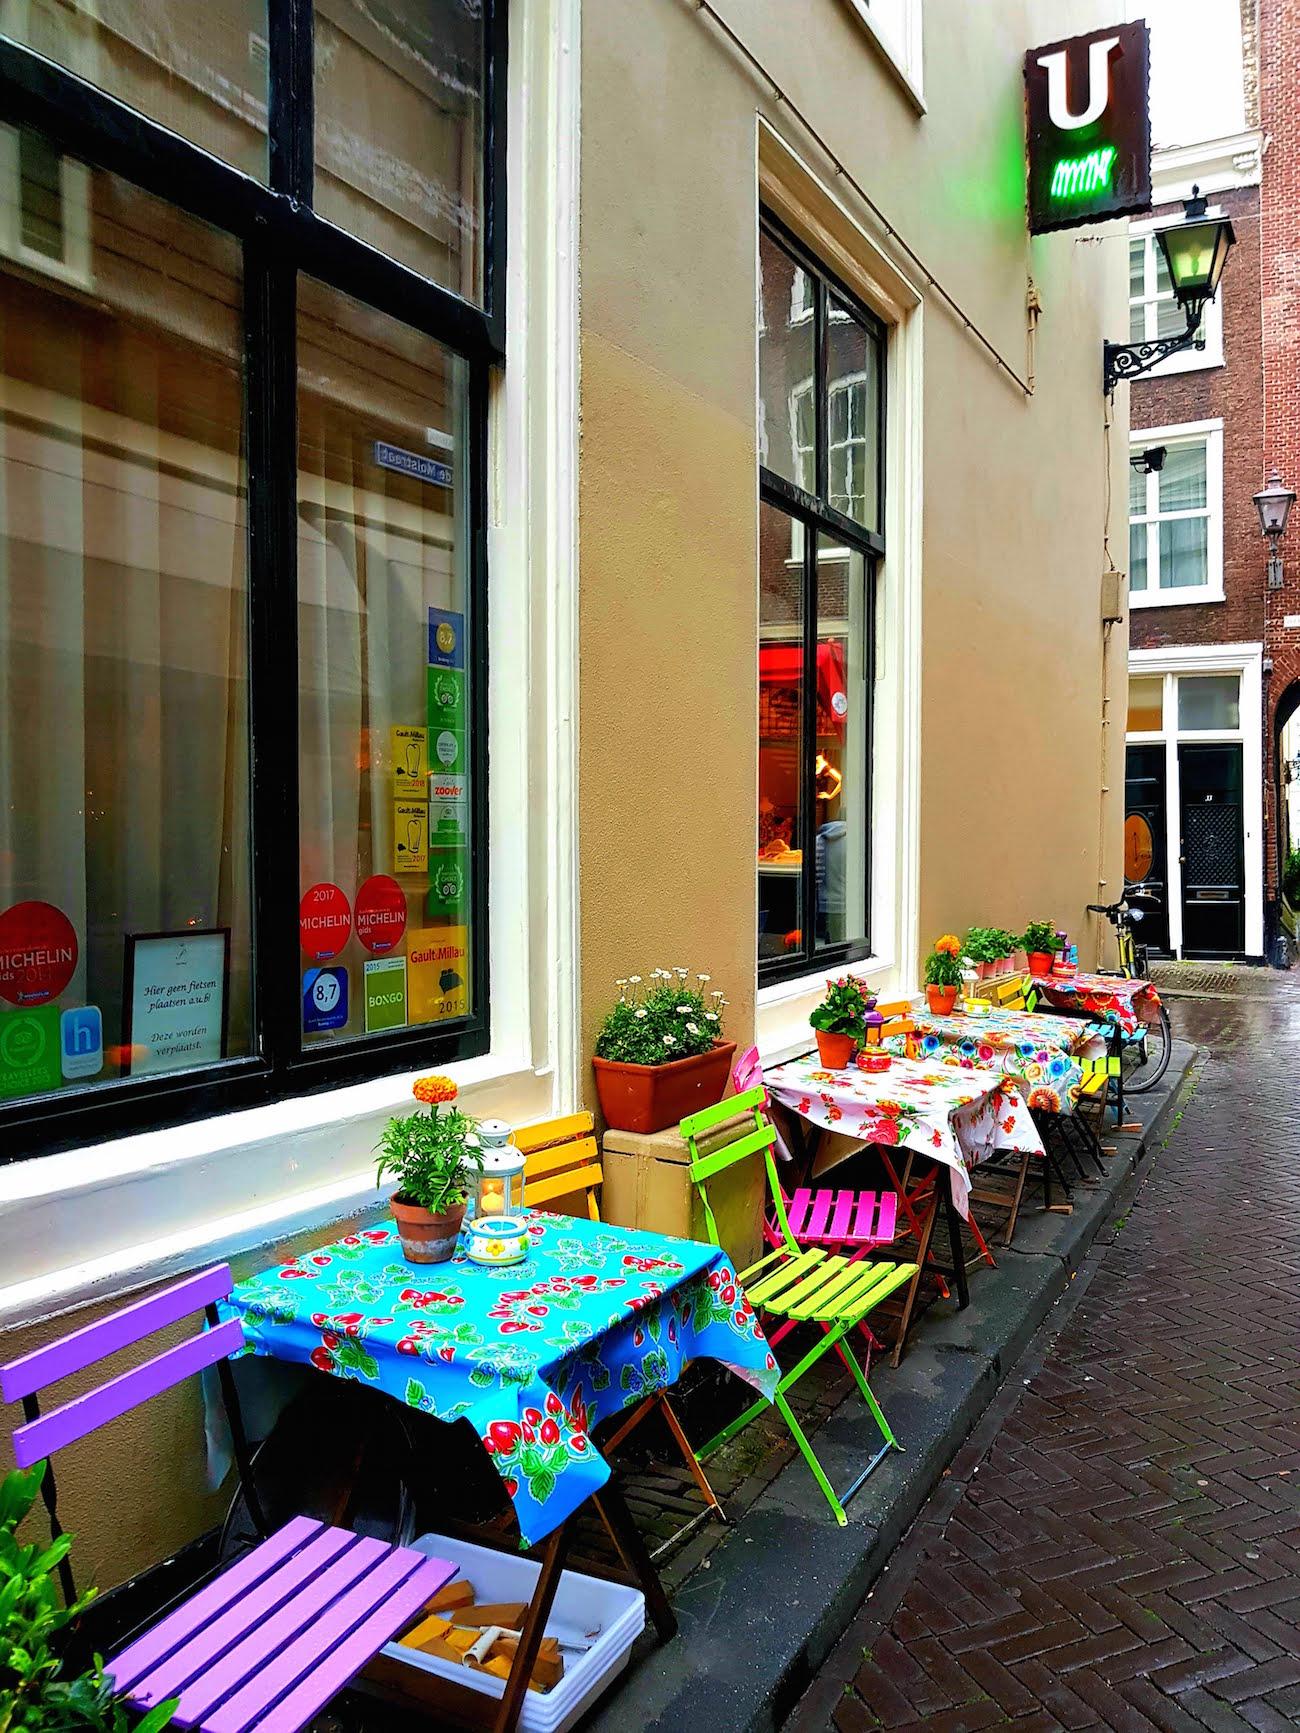 Natürlich findet Ihr im Wochenendurlaub in Den Haag auch viele stylische Cafés und Restaurants